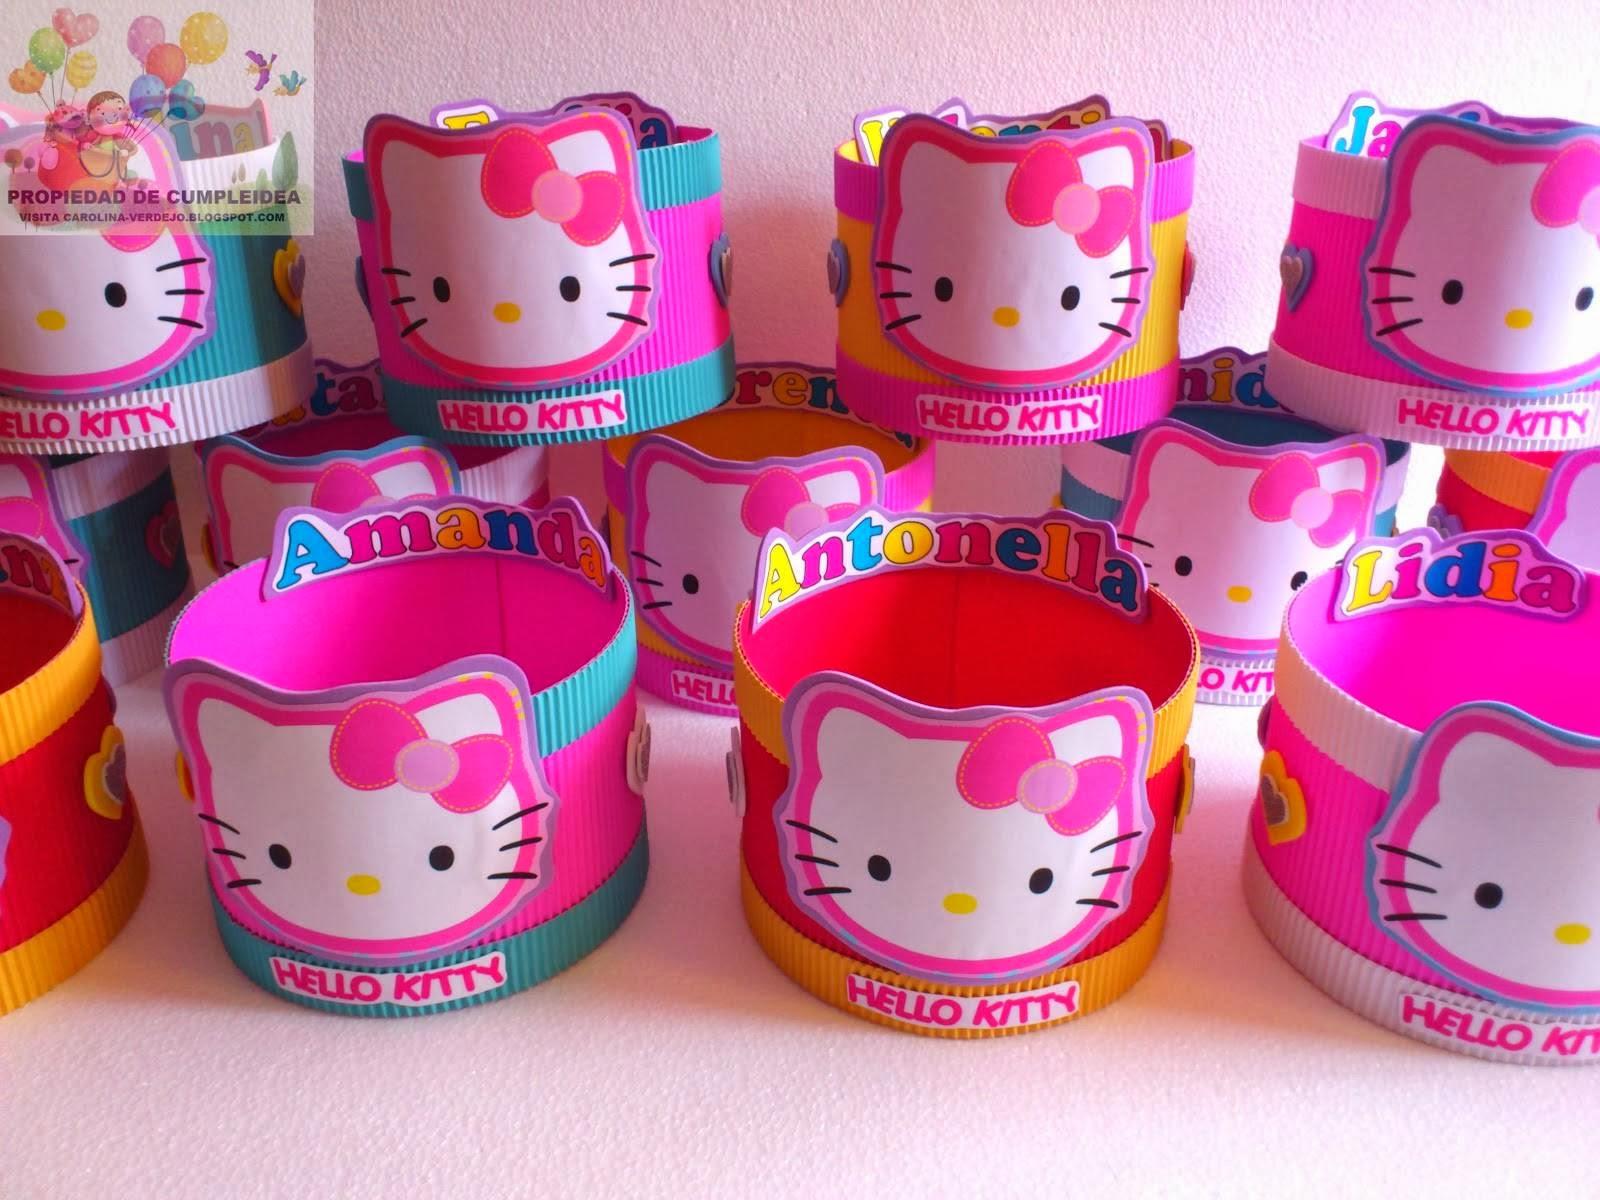 amazing decoracion de hello kitty para cumpleaos with como hacer adornos para cumpleaos